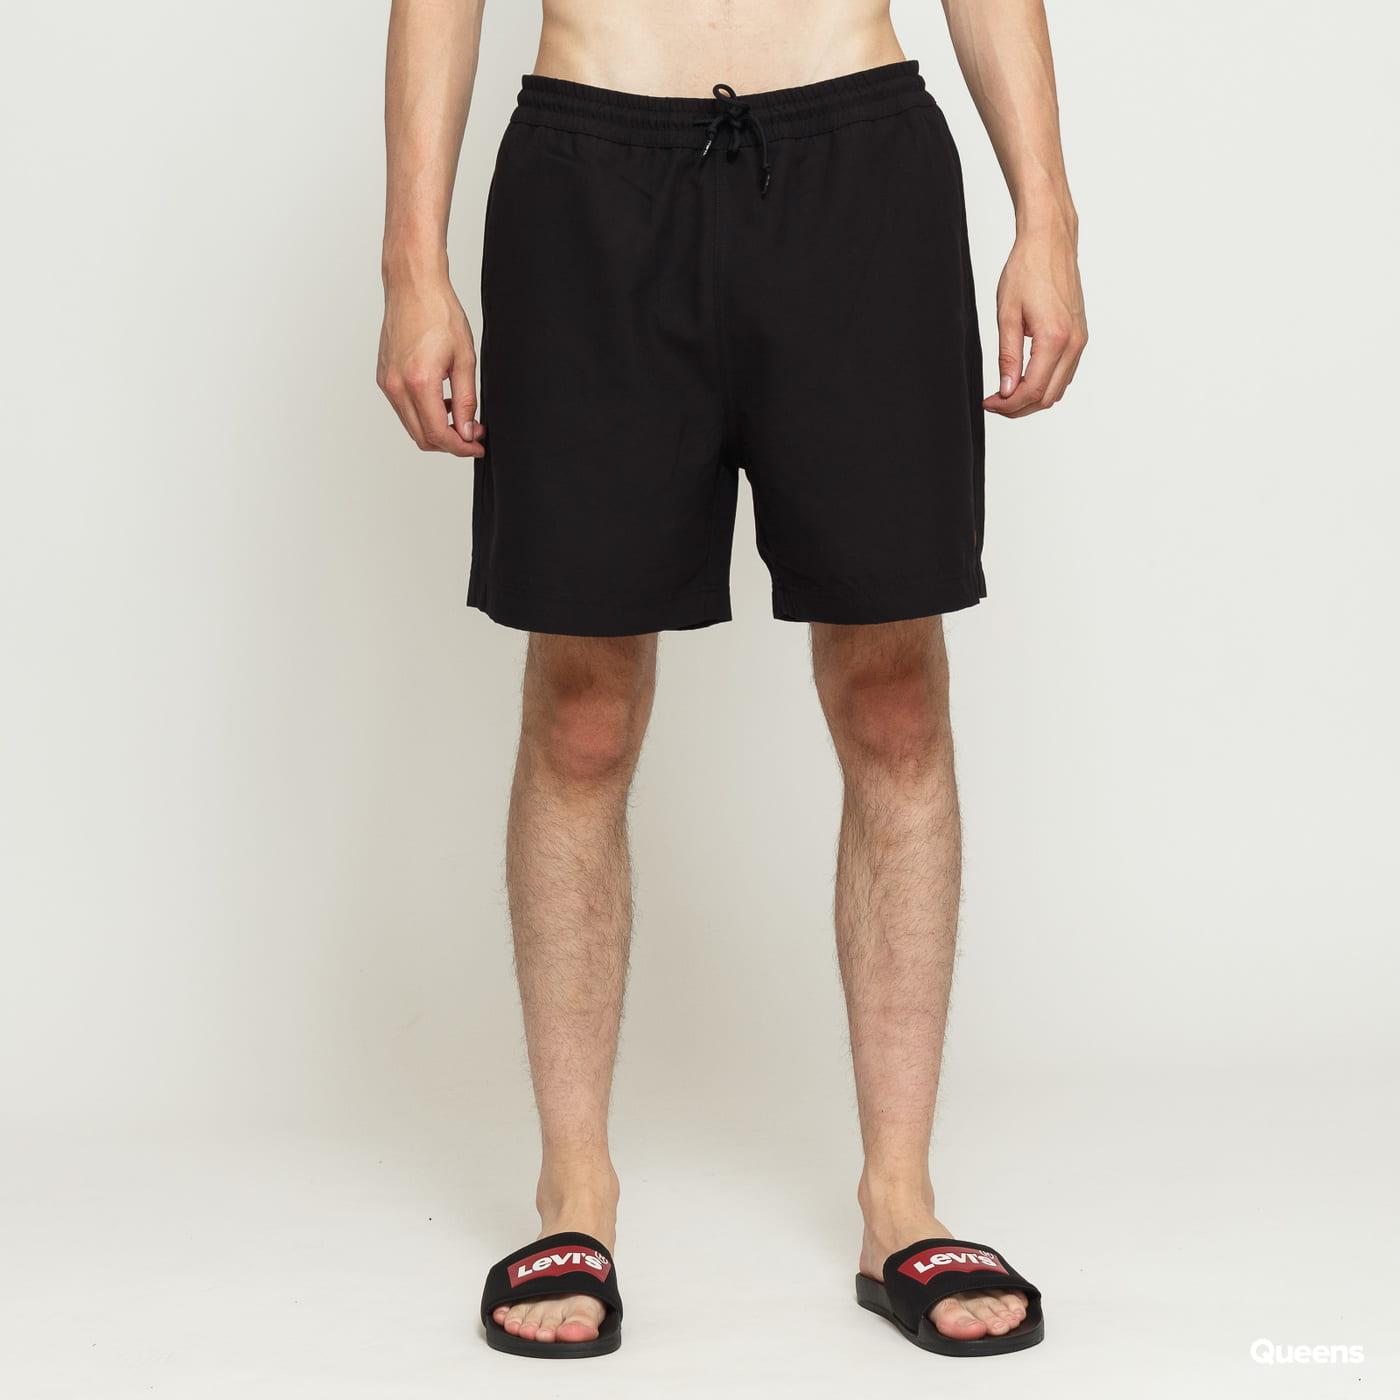 b6e956cd52241 Men Swim Shorts Carhartt WIP Chase Swim Trunks black (I026235.89.90.03) –  Queens 💚